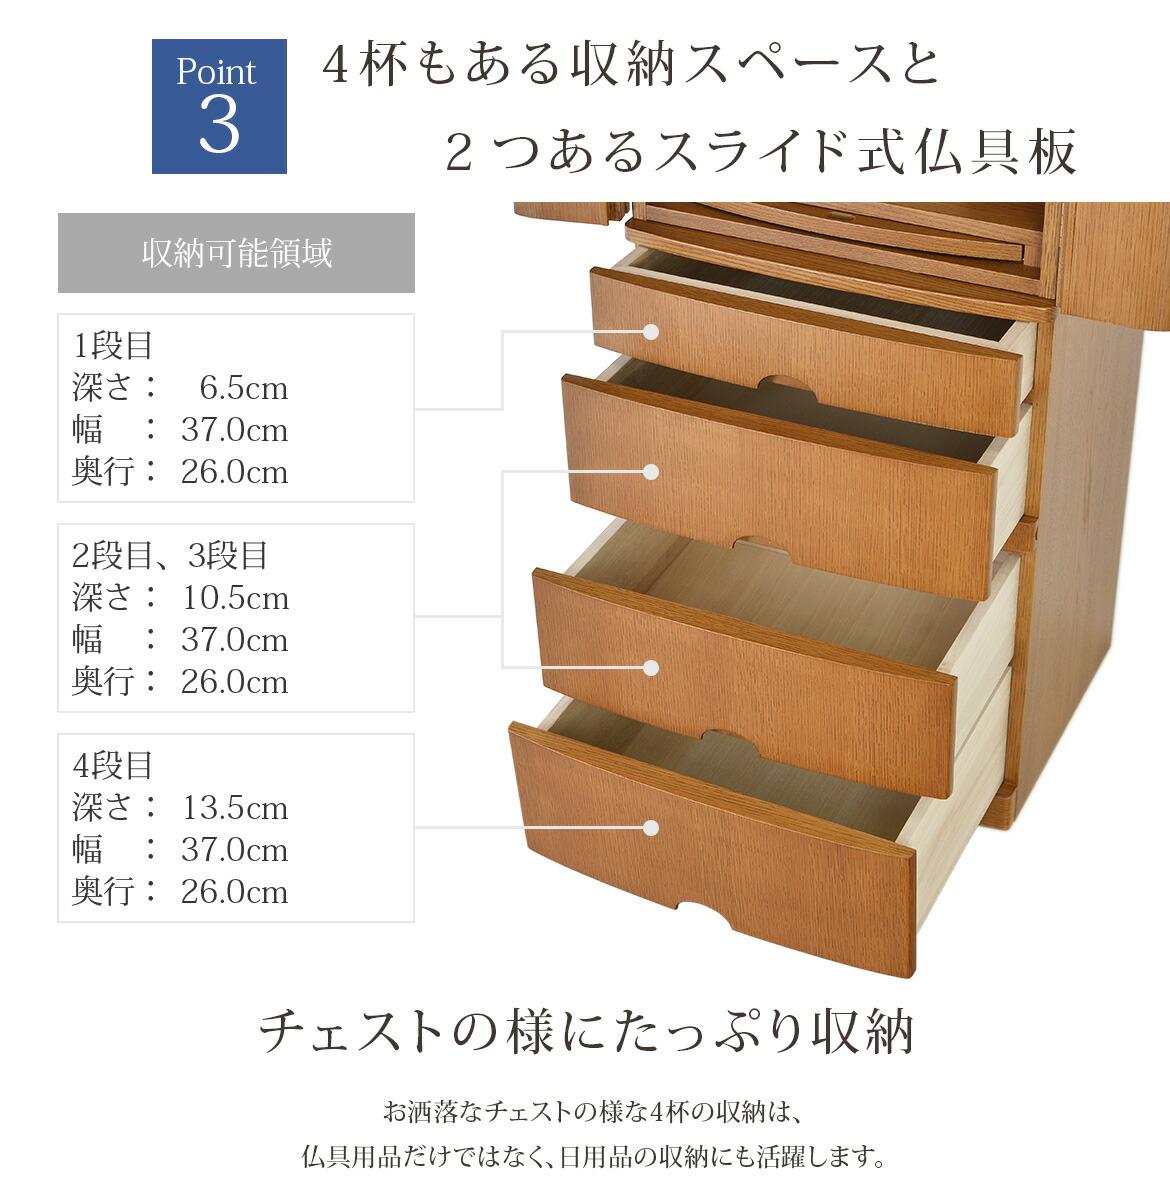 Point3 4杯もある収納スペースと2つあるスライド式仏具板